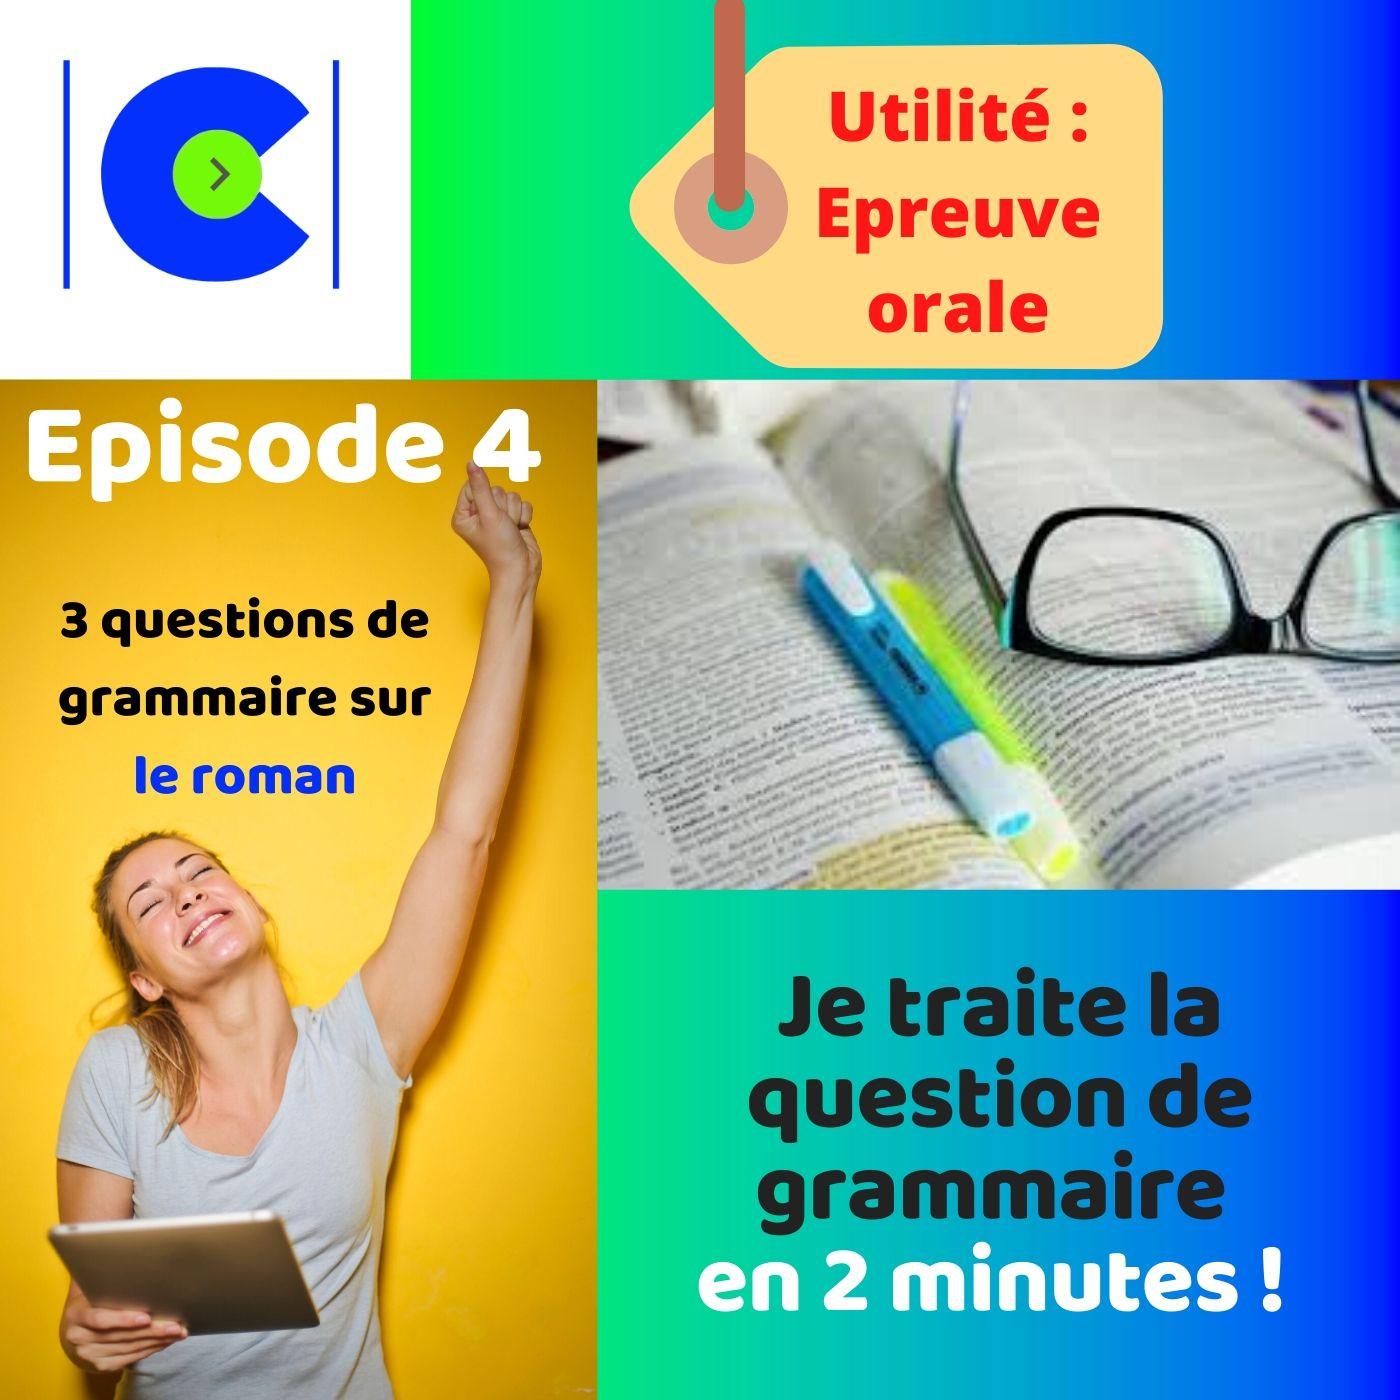 Comment répondre en 2 minutes à la question de grammaire ? Episode ROMAN.